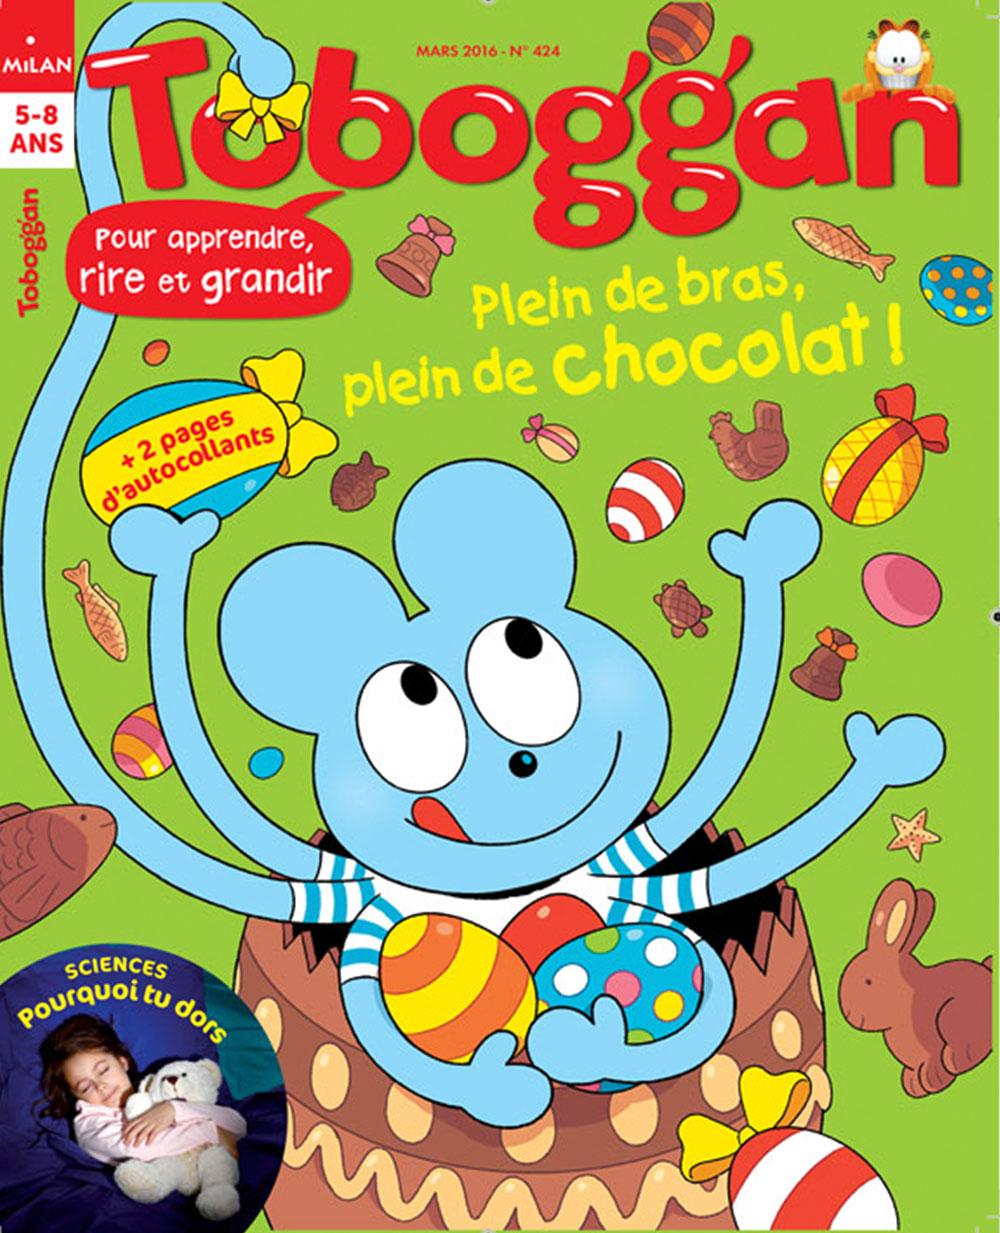 Abonnement magazine enfant, le site idéal pour payer moins cher